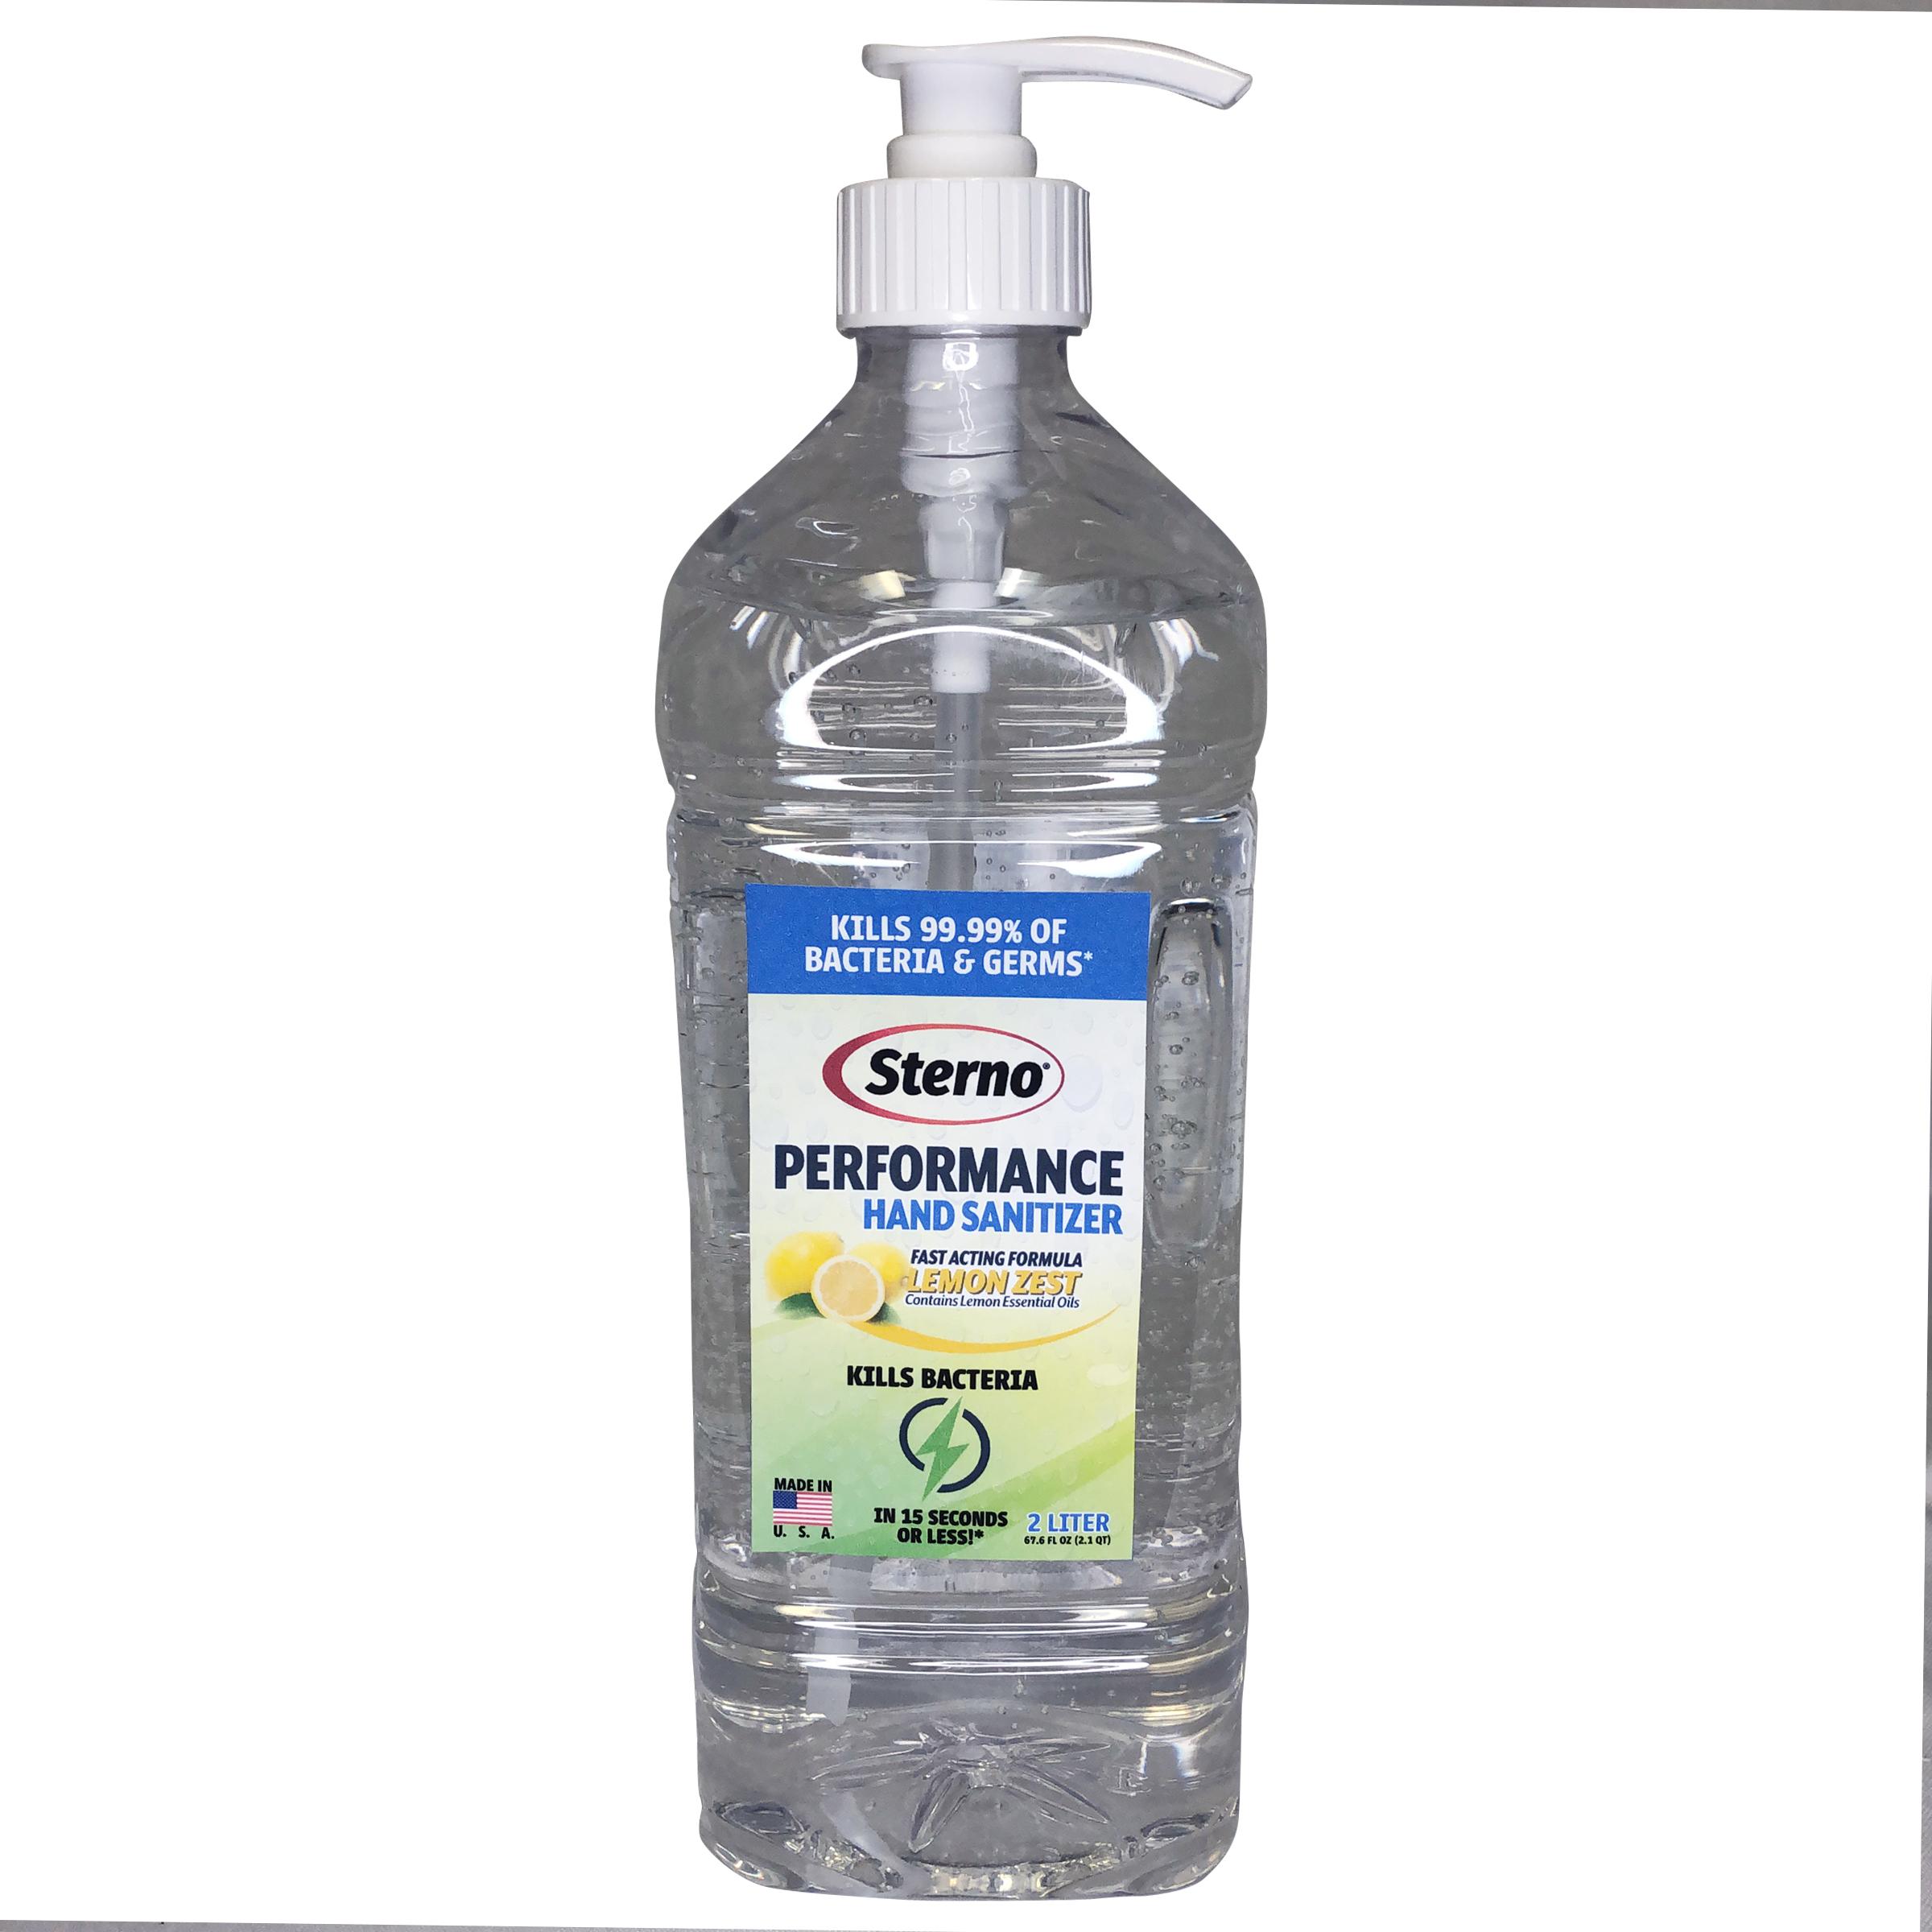 Sterno 20760 hand sanitizer